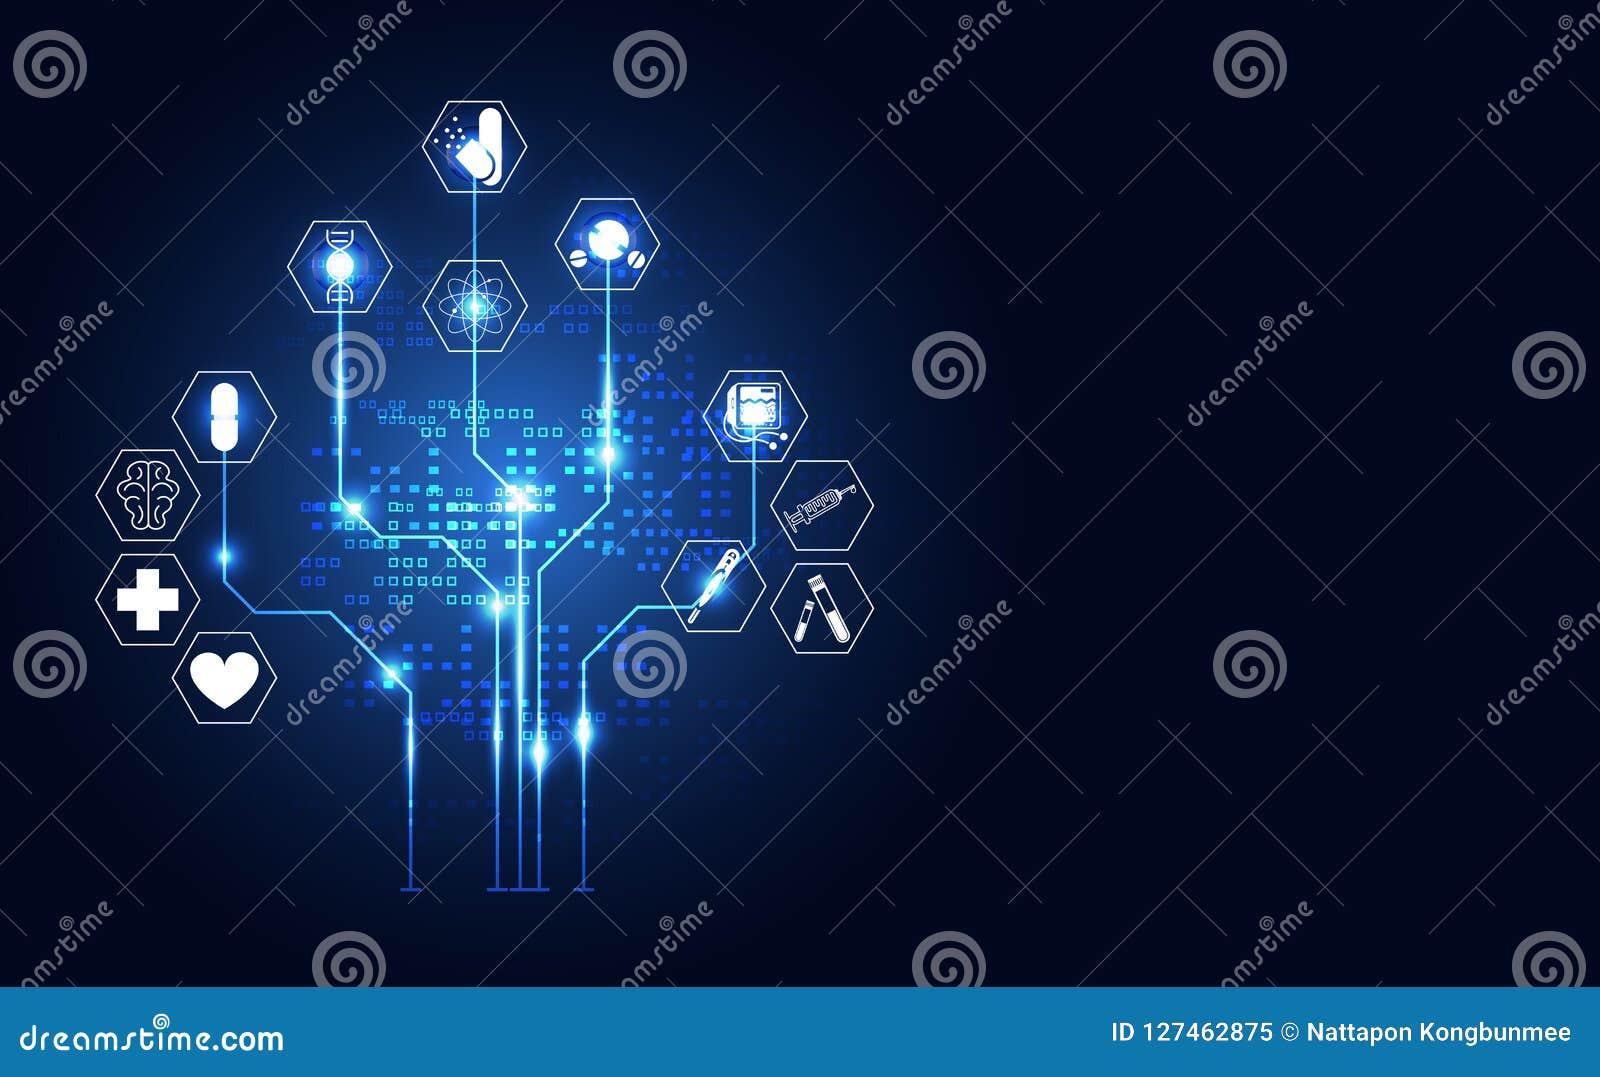 Abstrakcjonistycznych technologii cyfrowych zdrowie pojęcia medyczna ikona cyfrowa